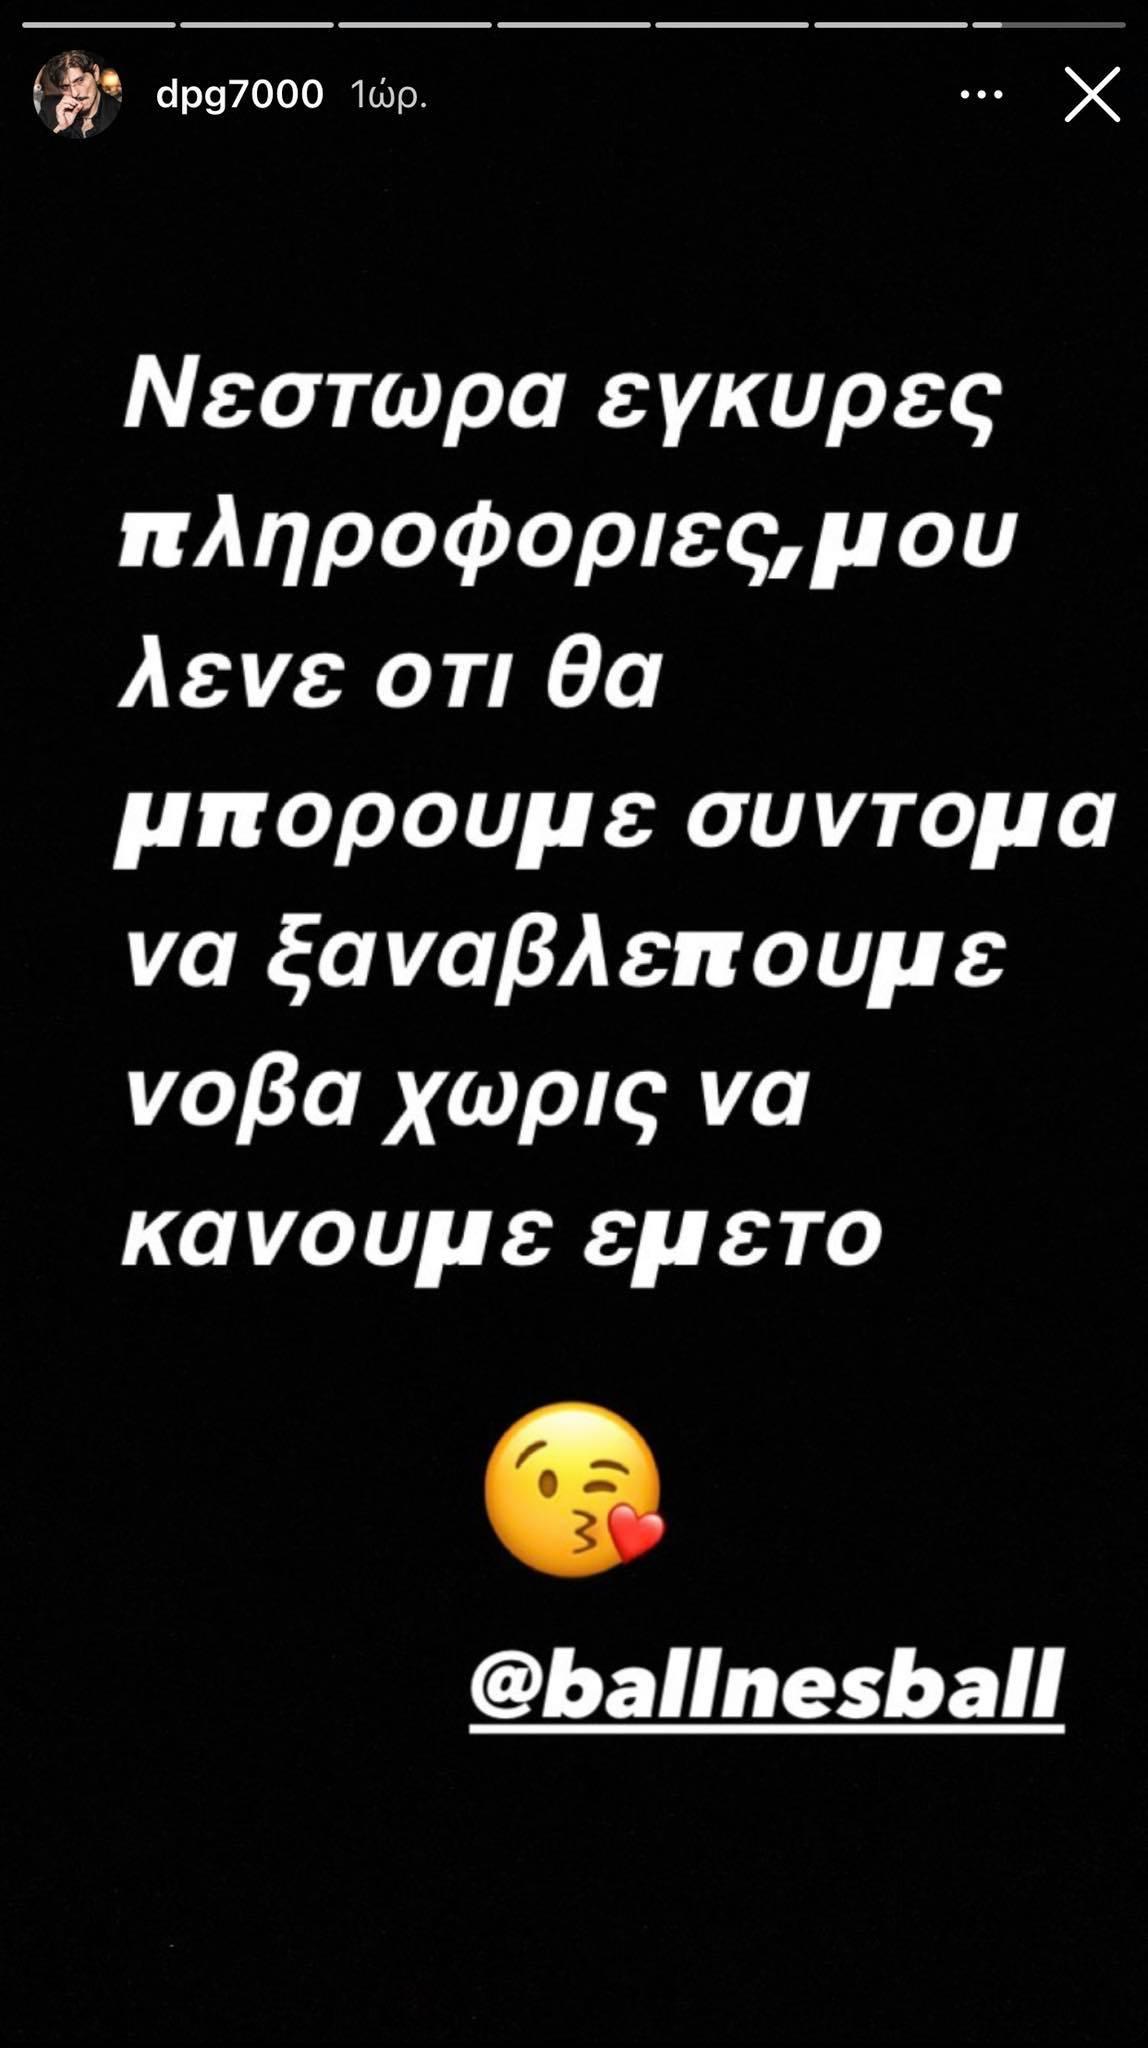 Γιαννακόπουλος: «Θα βλέπουμε NOVA χωρίς να κάνουμε εμετό!»